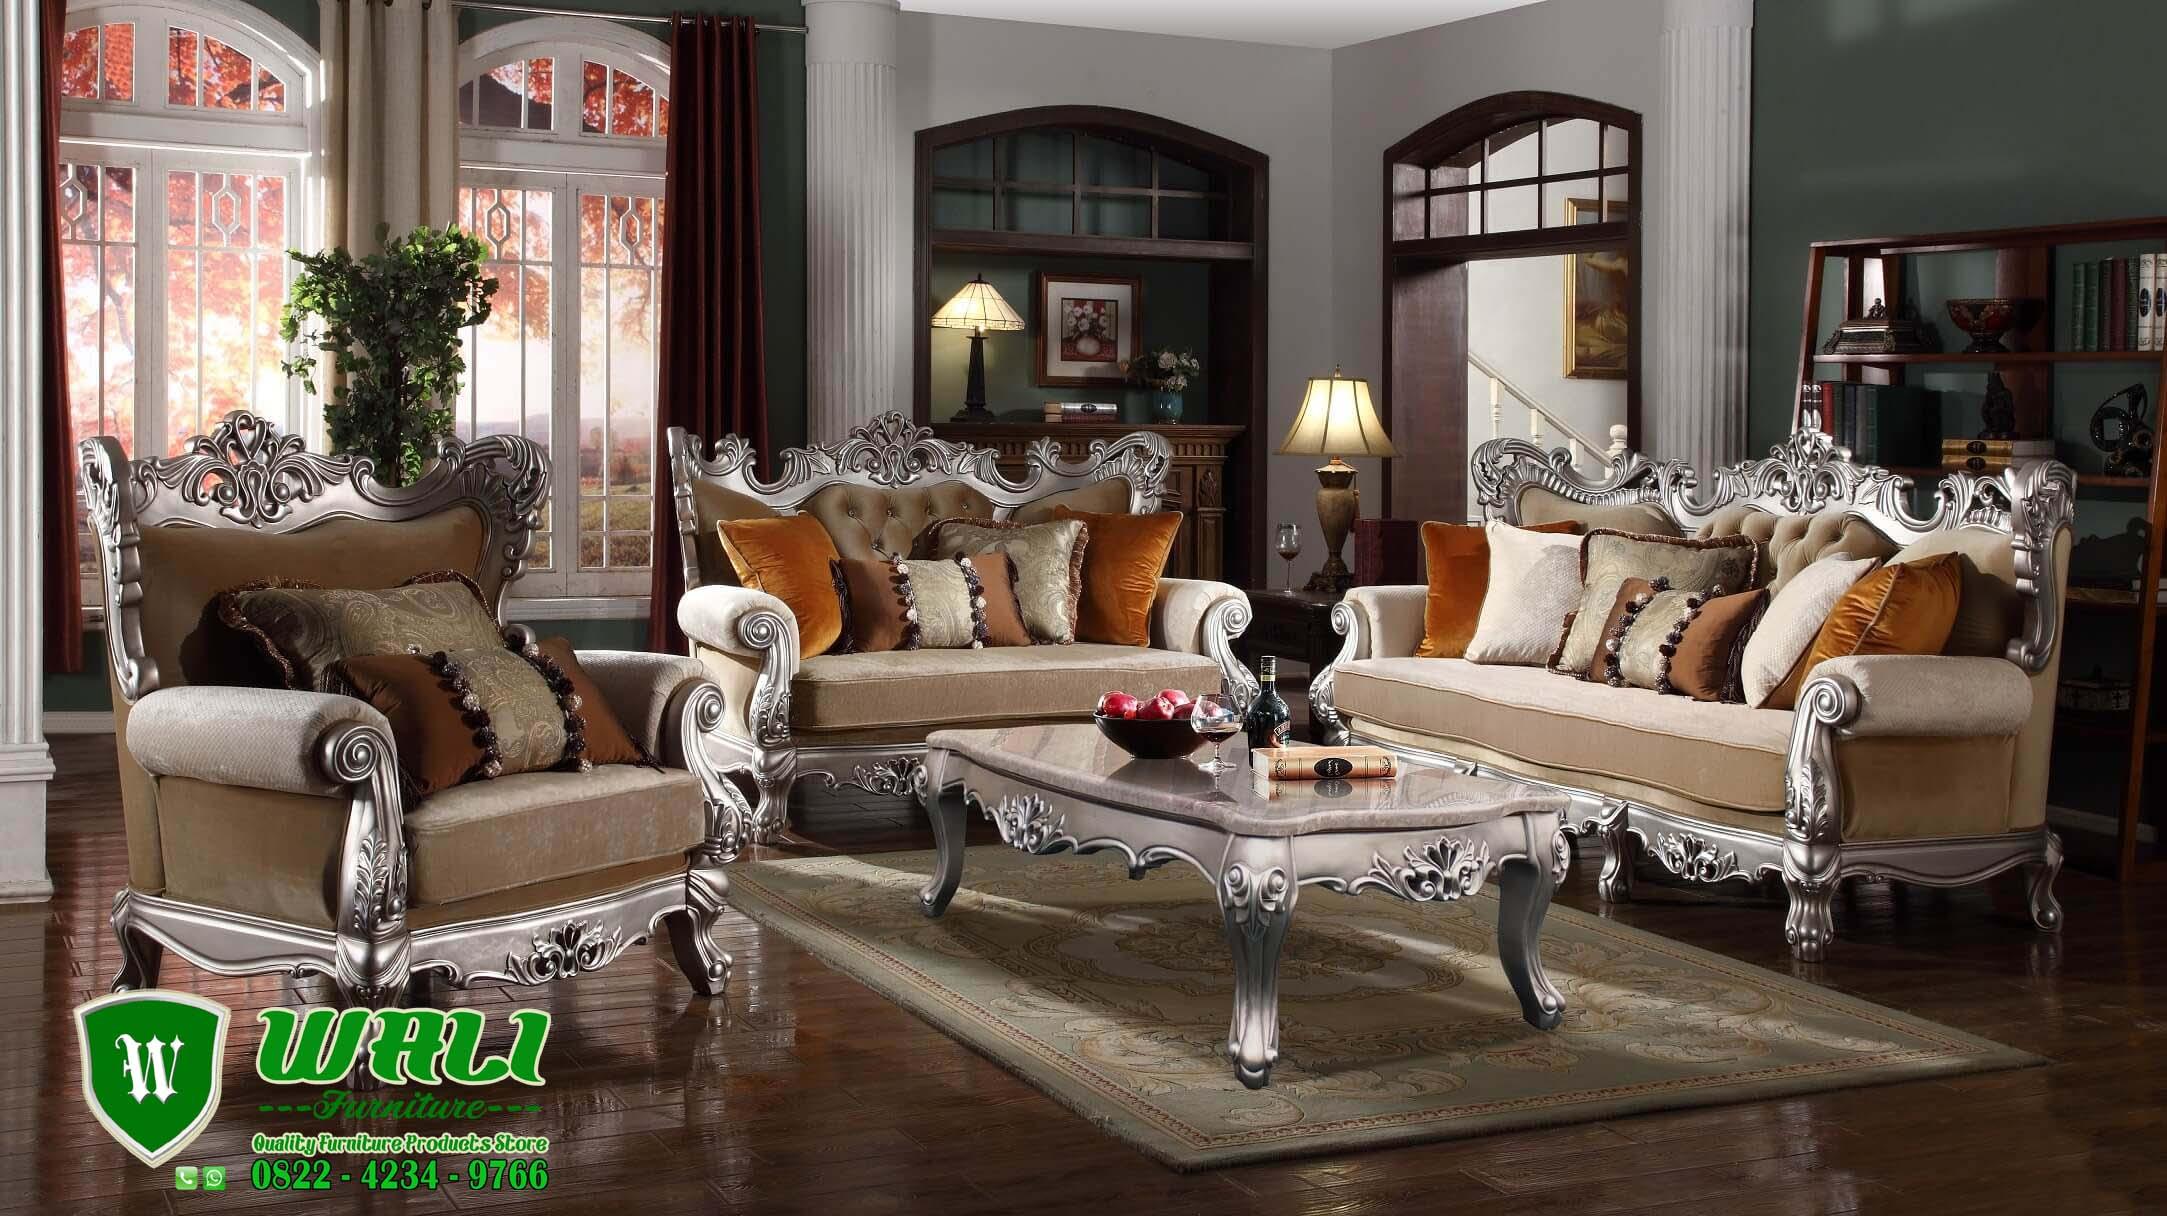 Sofa Ruang Tamu Silver Klasik Elegan Ukir Mebel Jepara, 1 Set Sofa Tamu, Furniture Jepara, Kursi Sofa Tamu Mewah Jepara, Kursi Klasik Mewah, Mebel Ukiran, Kursi Sofa Tamu Jepara Mewah Ukiran, Kursi Tamu Jepara, Mebel Jepara, Meja Ruang Tamu Ukiran, Meja Kursi Tamu Elegan, Kursi Tamu Mewah, Gambar Sofa Ruang Tamu Ukiran, Model Sofa Mewah Terbaru, Set Sofa Tamu Klasik, Sofa Jati Mewah, Sofa Tamu Ruangan 2x3, Sofa Jepara Minimalis, Sofa Jepara Modern, Sofa Jepara Terbaru, Sofa Klasik Mewah, Sofa Tamu Klasik, Sofa Tamu Ruangan 3x3, Harga Kursi Ruang Tamu Mewah, Harga Sofa Tamu Jepara, Jual Sofa Tamu, Katalog Kursi Tamu Terbaru, Wali Furniture